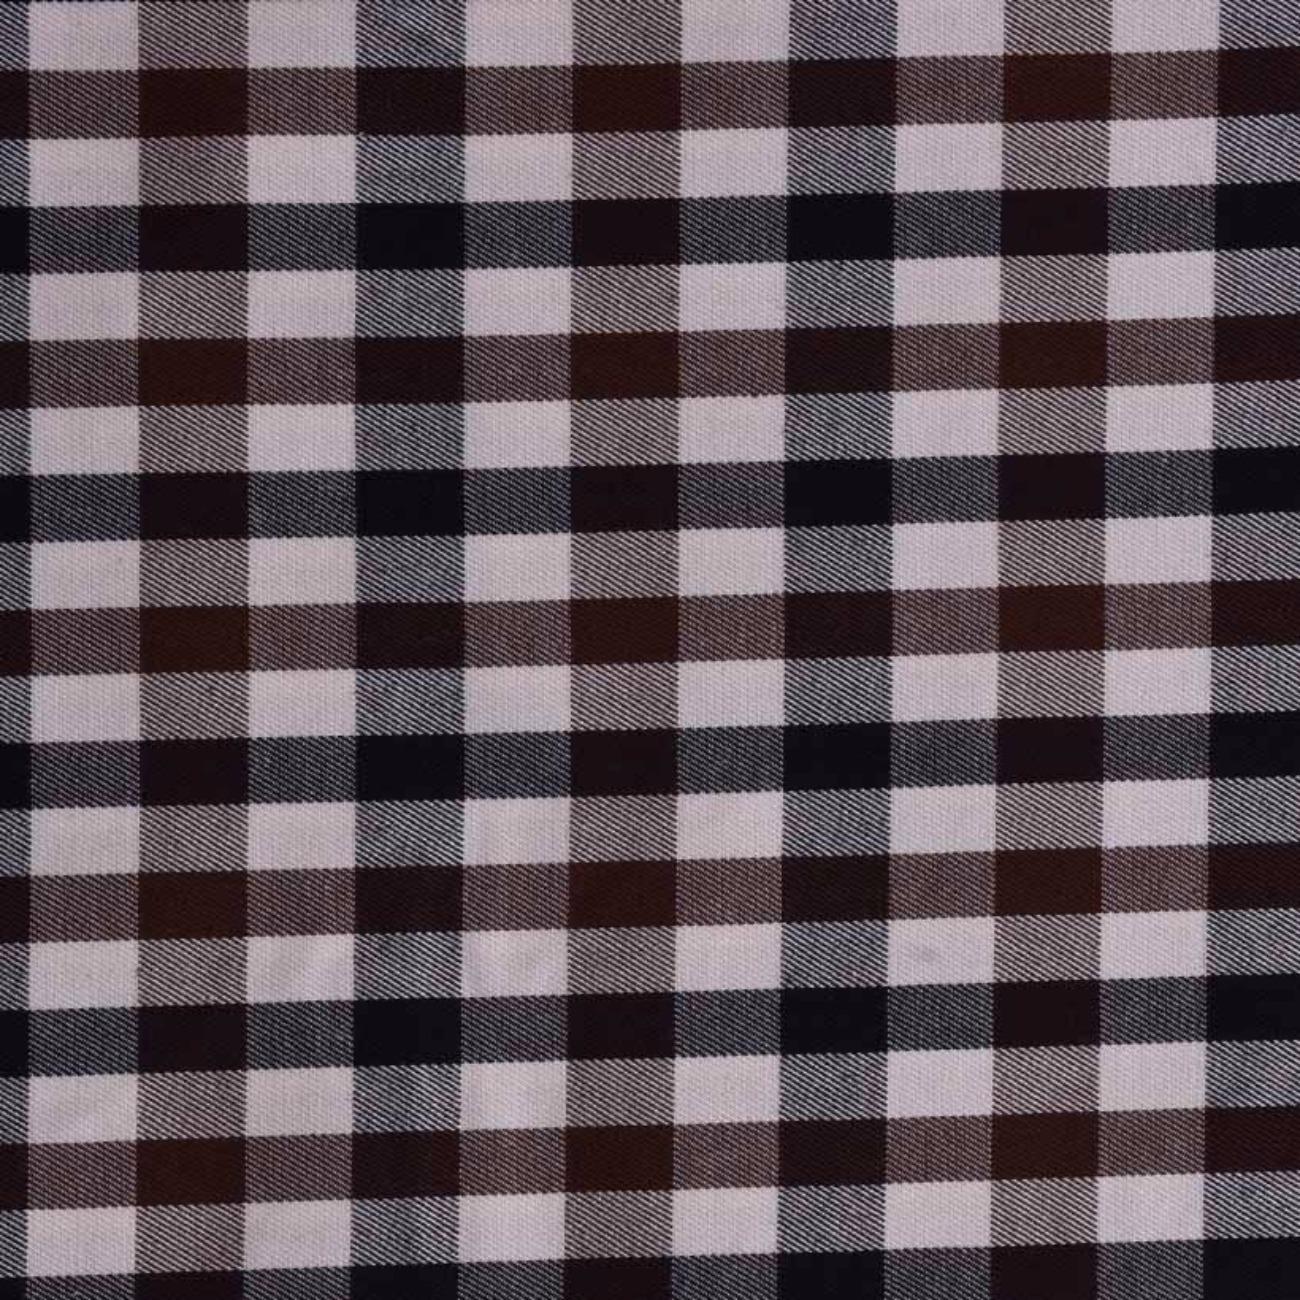 現貨斜紋格子蘇格蘭格梭織色織低彈休閑時尚風格 襯衫 連衣裙 短裙 棉感 60929-7